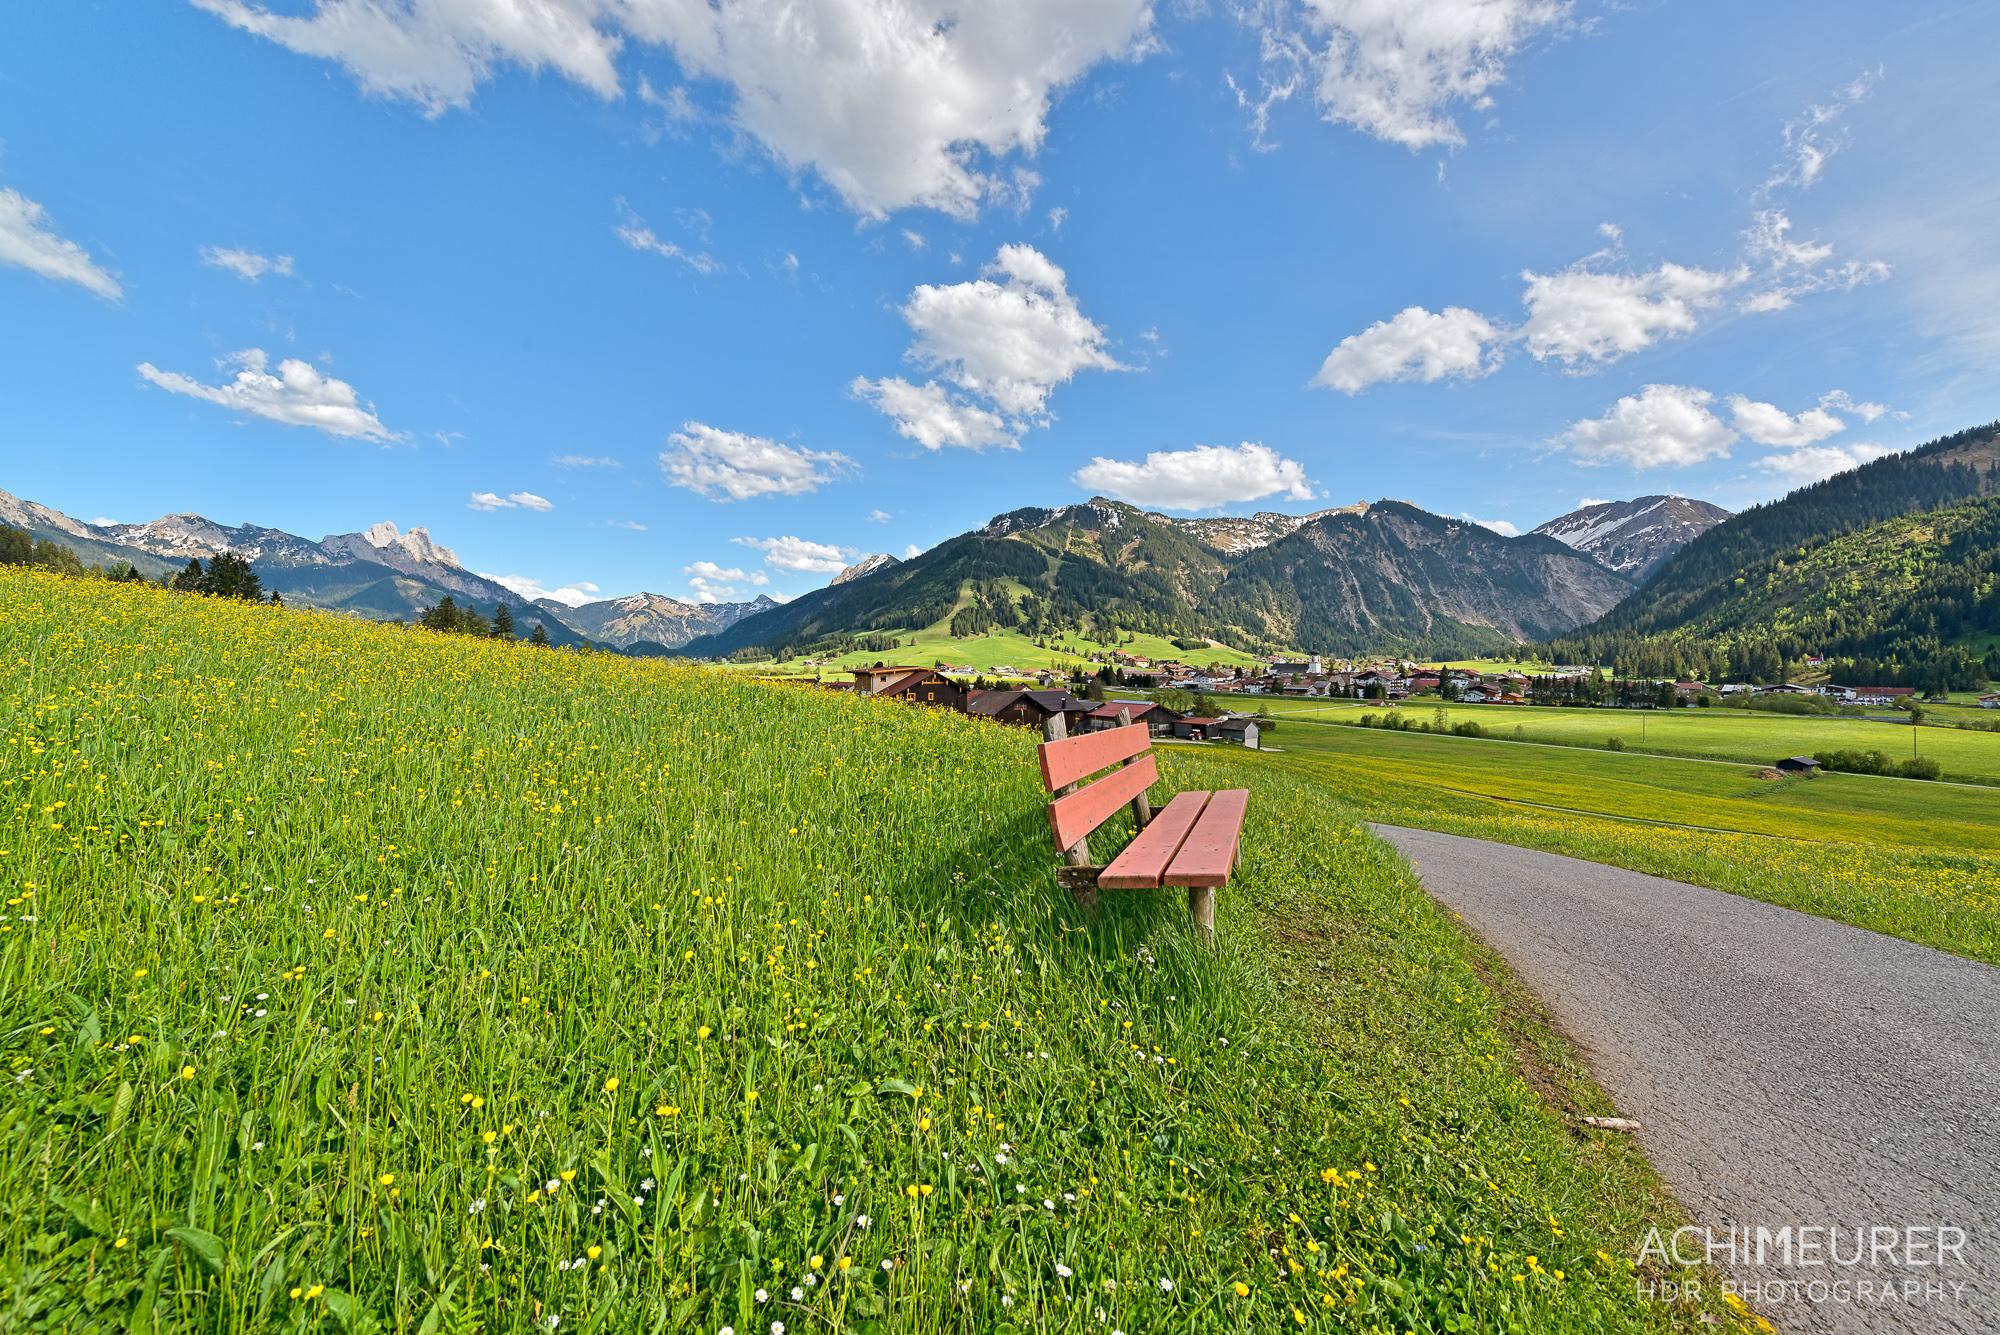 Tannheimer-Tal-Fruehling-Landschaft-Wiese-Blumen_2055_4_3_2_1_HDR